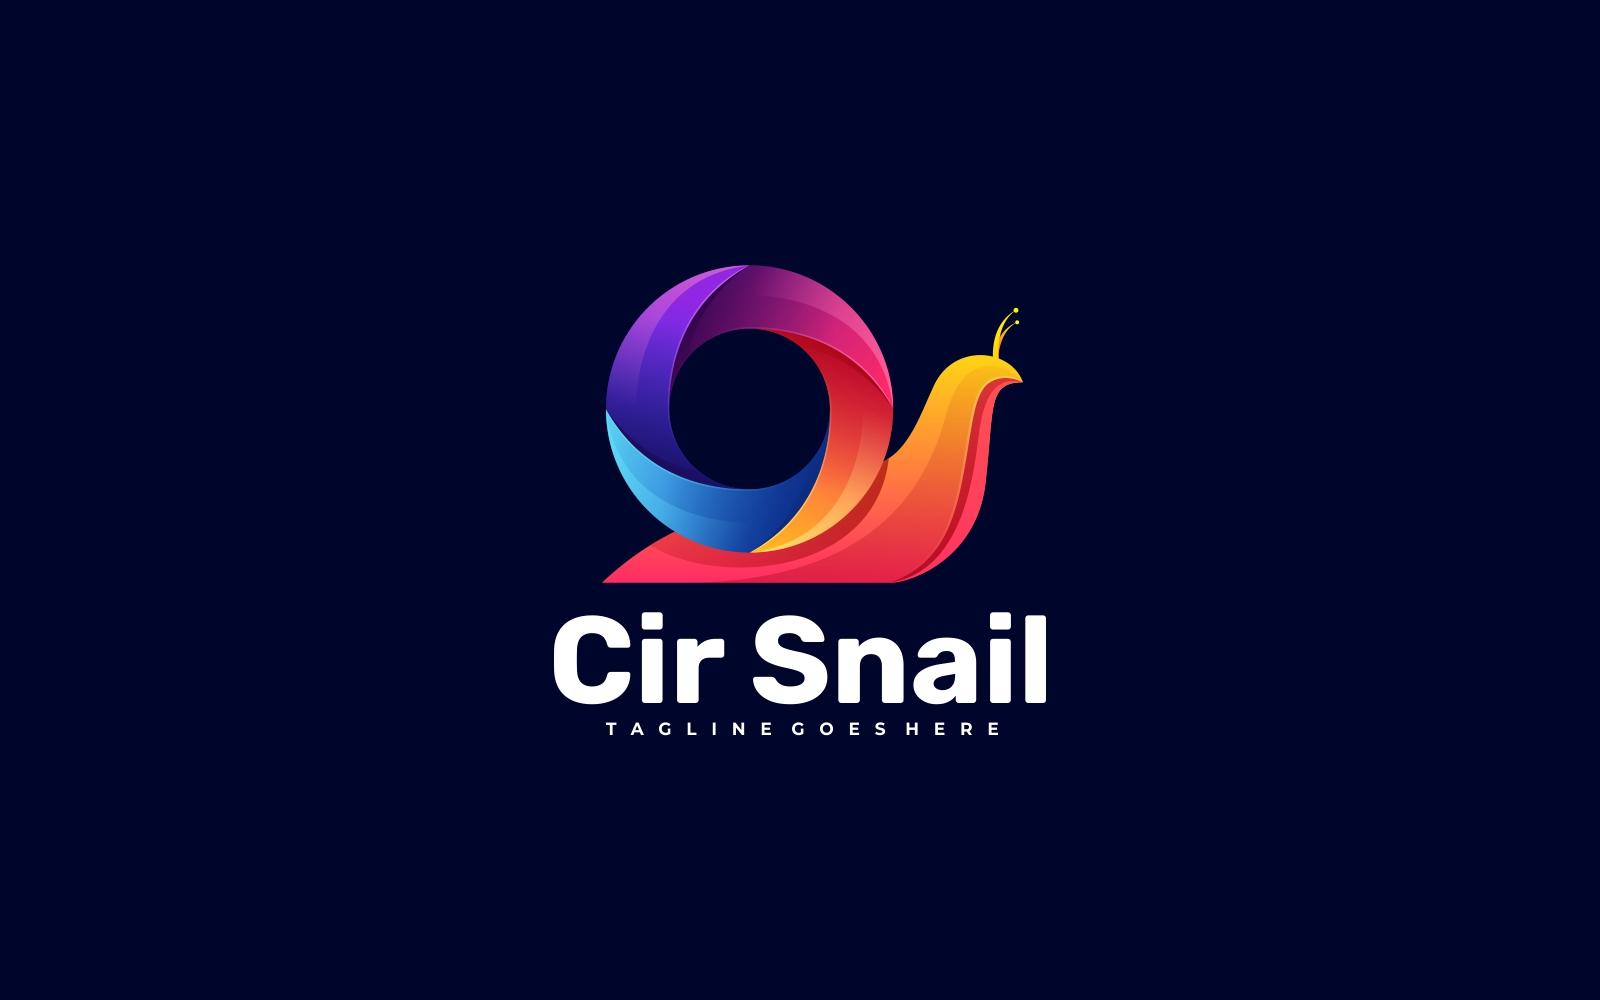 Circle Snail Colorful 3D Gradient Logo